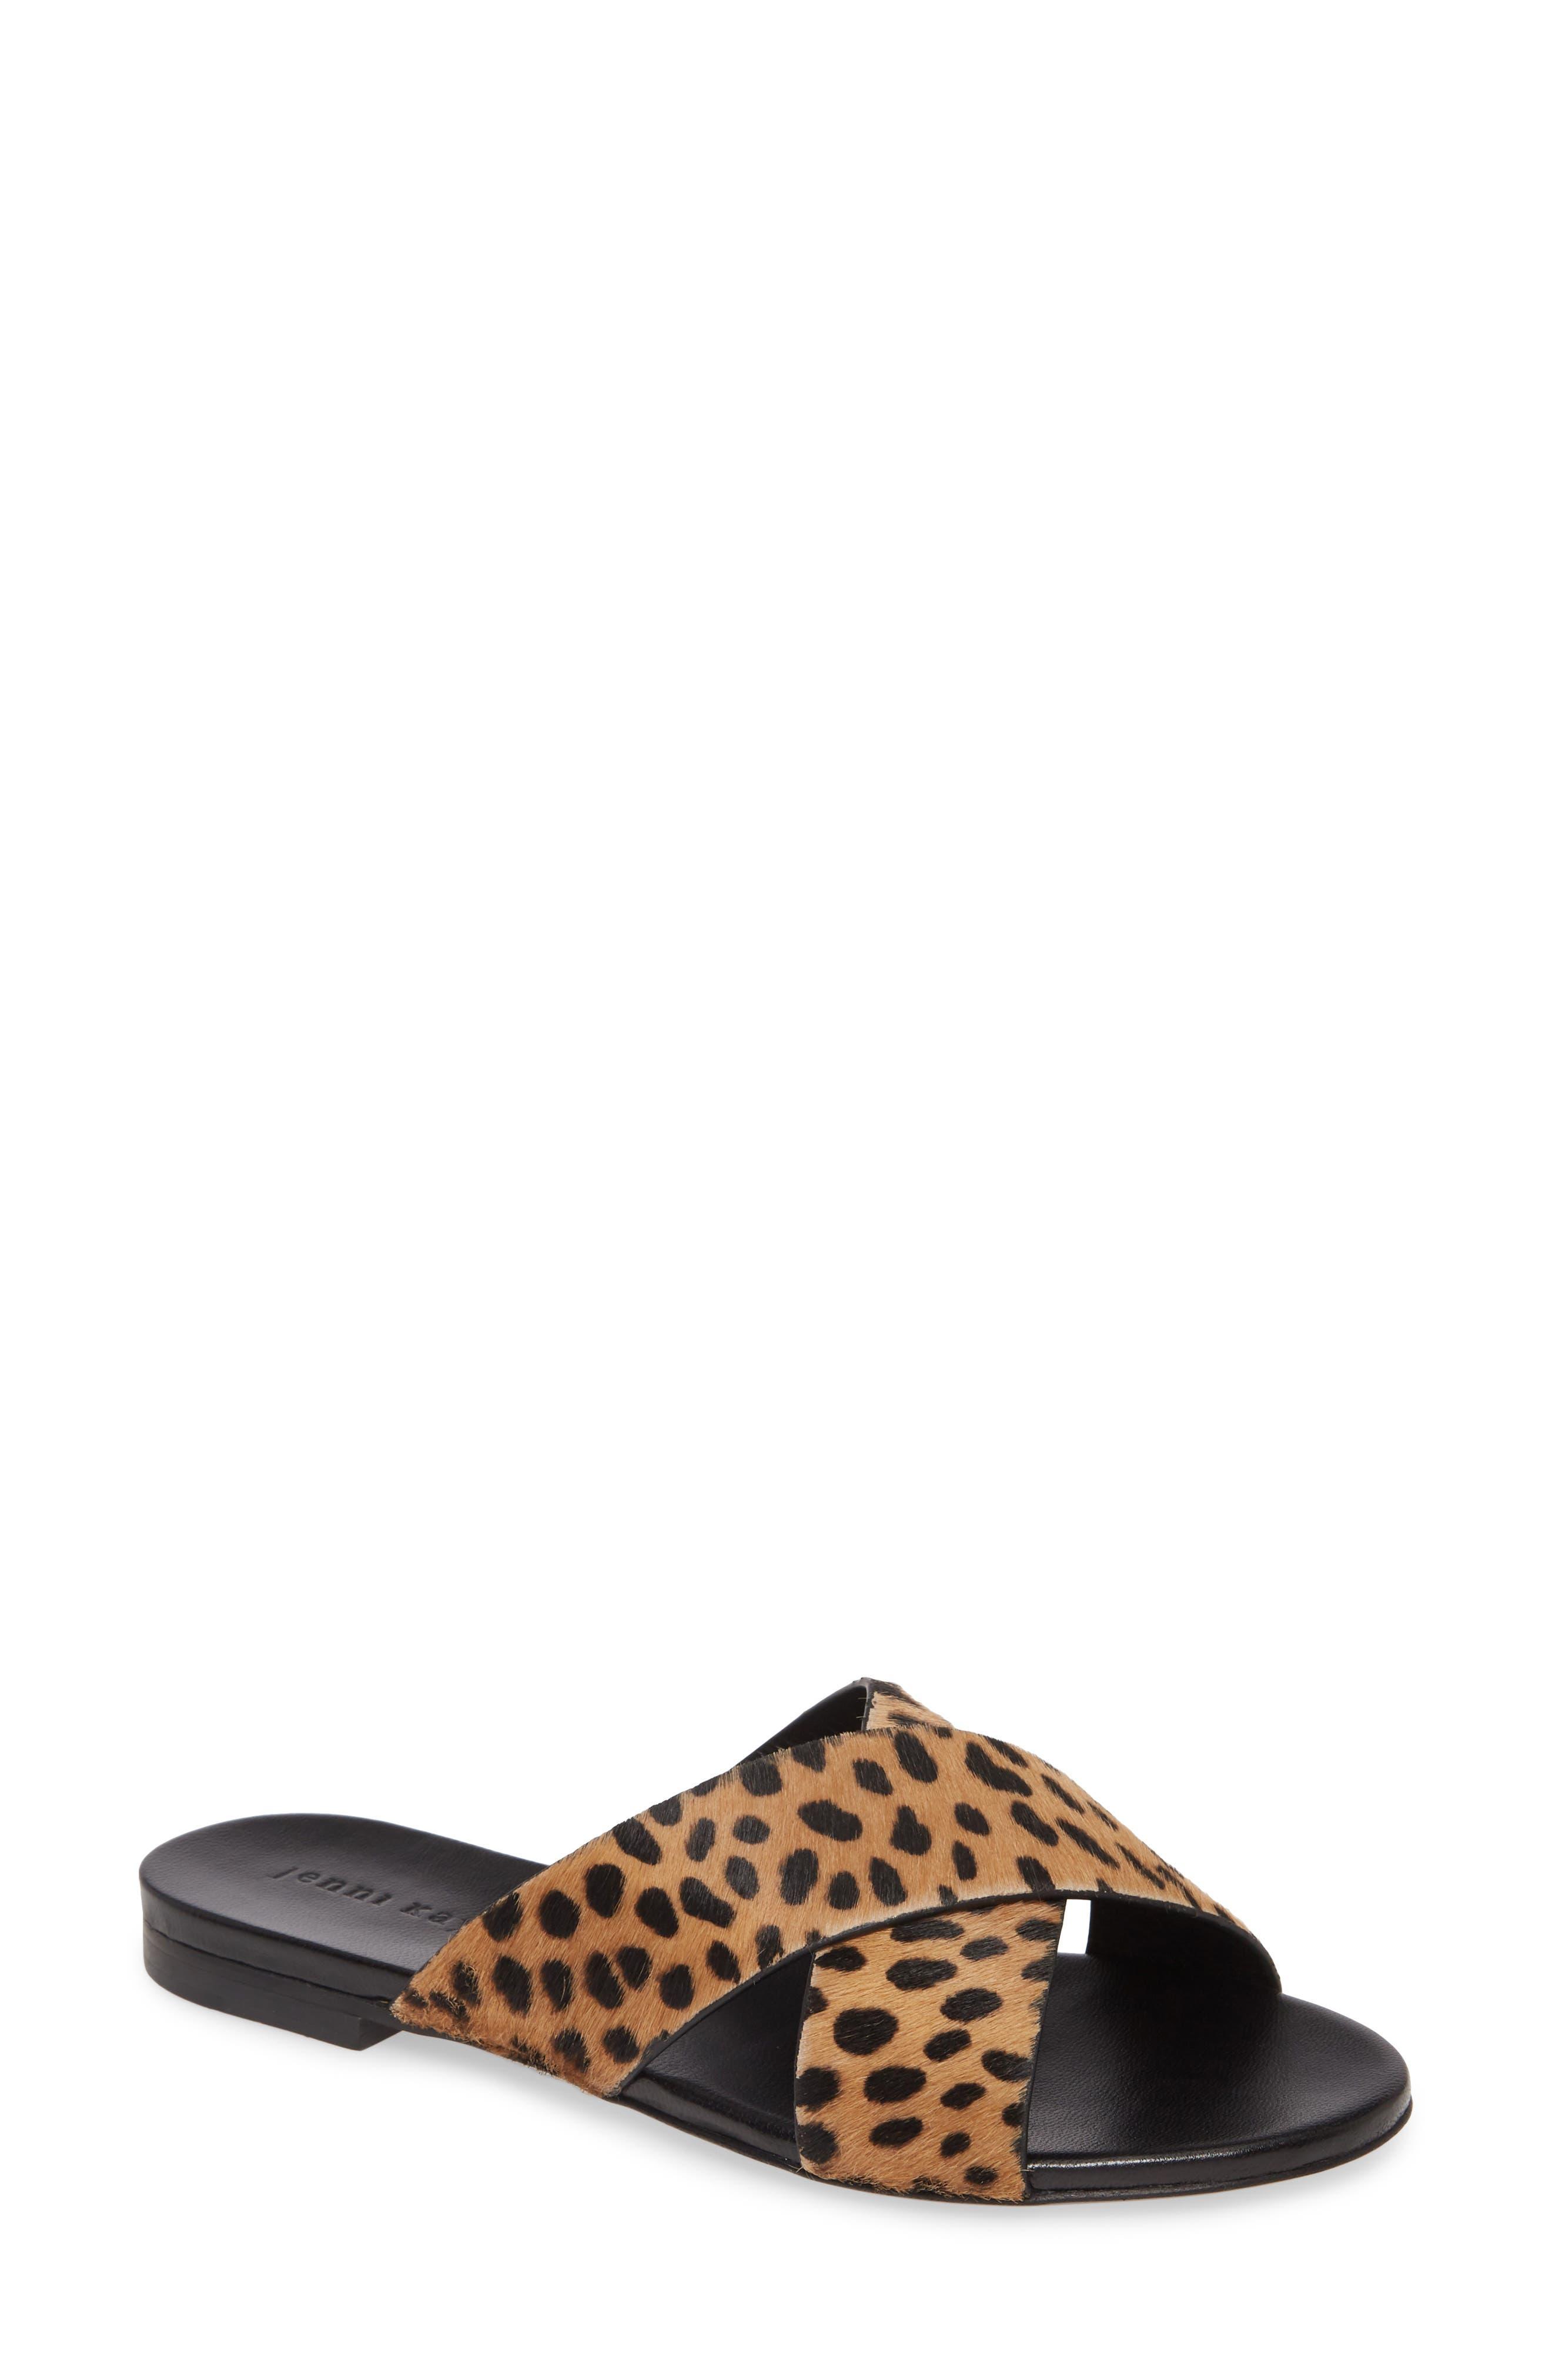 Genuine Calf Hair Cross Strap Slide Sandal